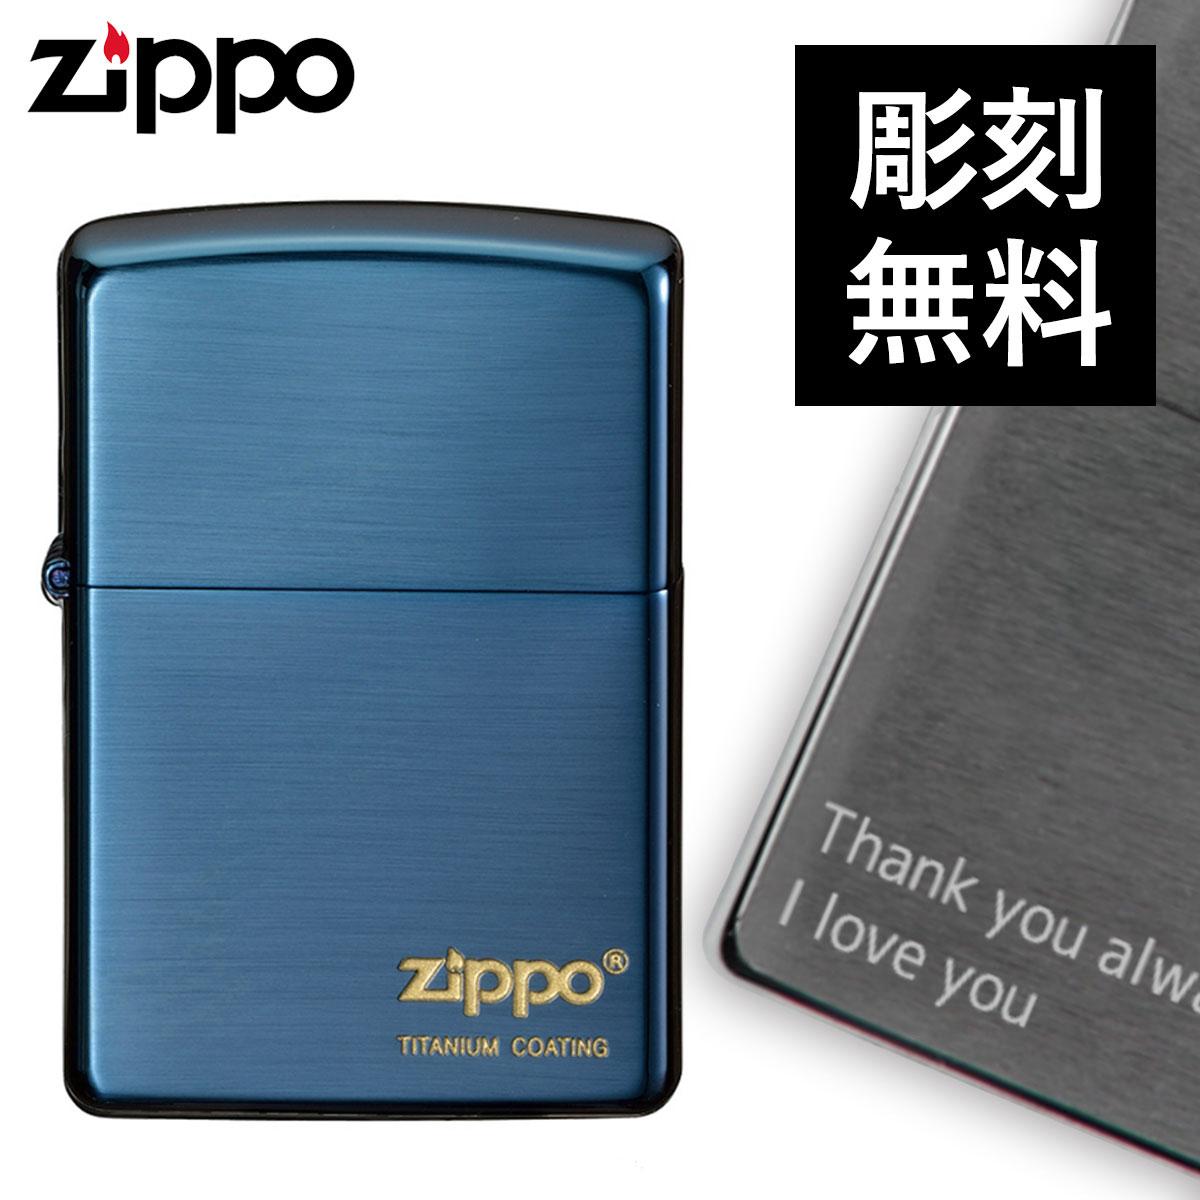 名入れ ネーム 対応 zippo 名入れ チタンコーティング THB ブルー 名入れ ギフト ギフト プレゼント 贈り物 返品不可 キズがつきにくい シンプル チタンメッキ 喫煙具